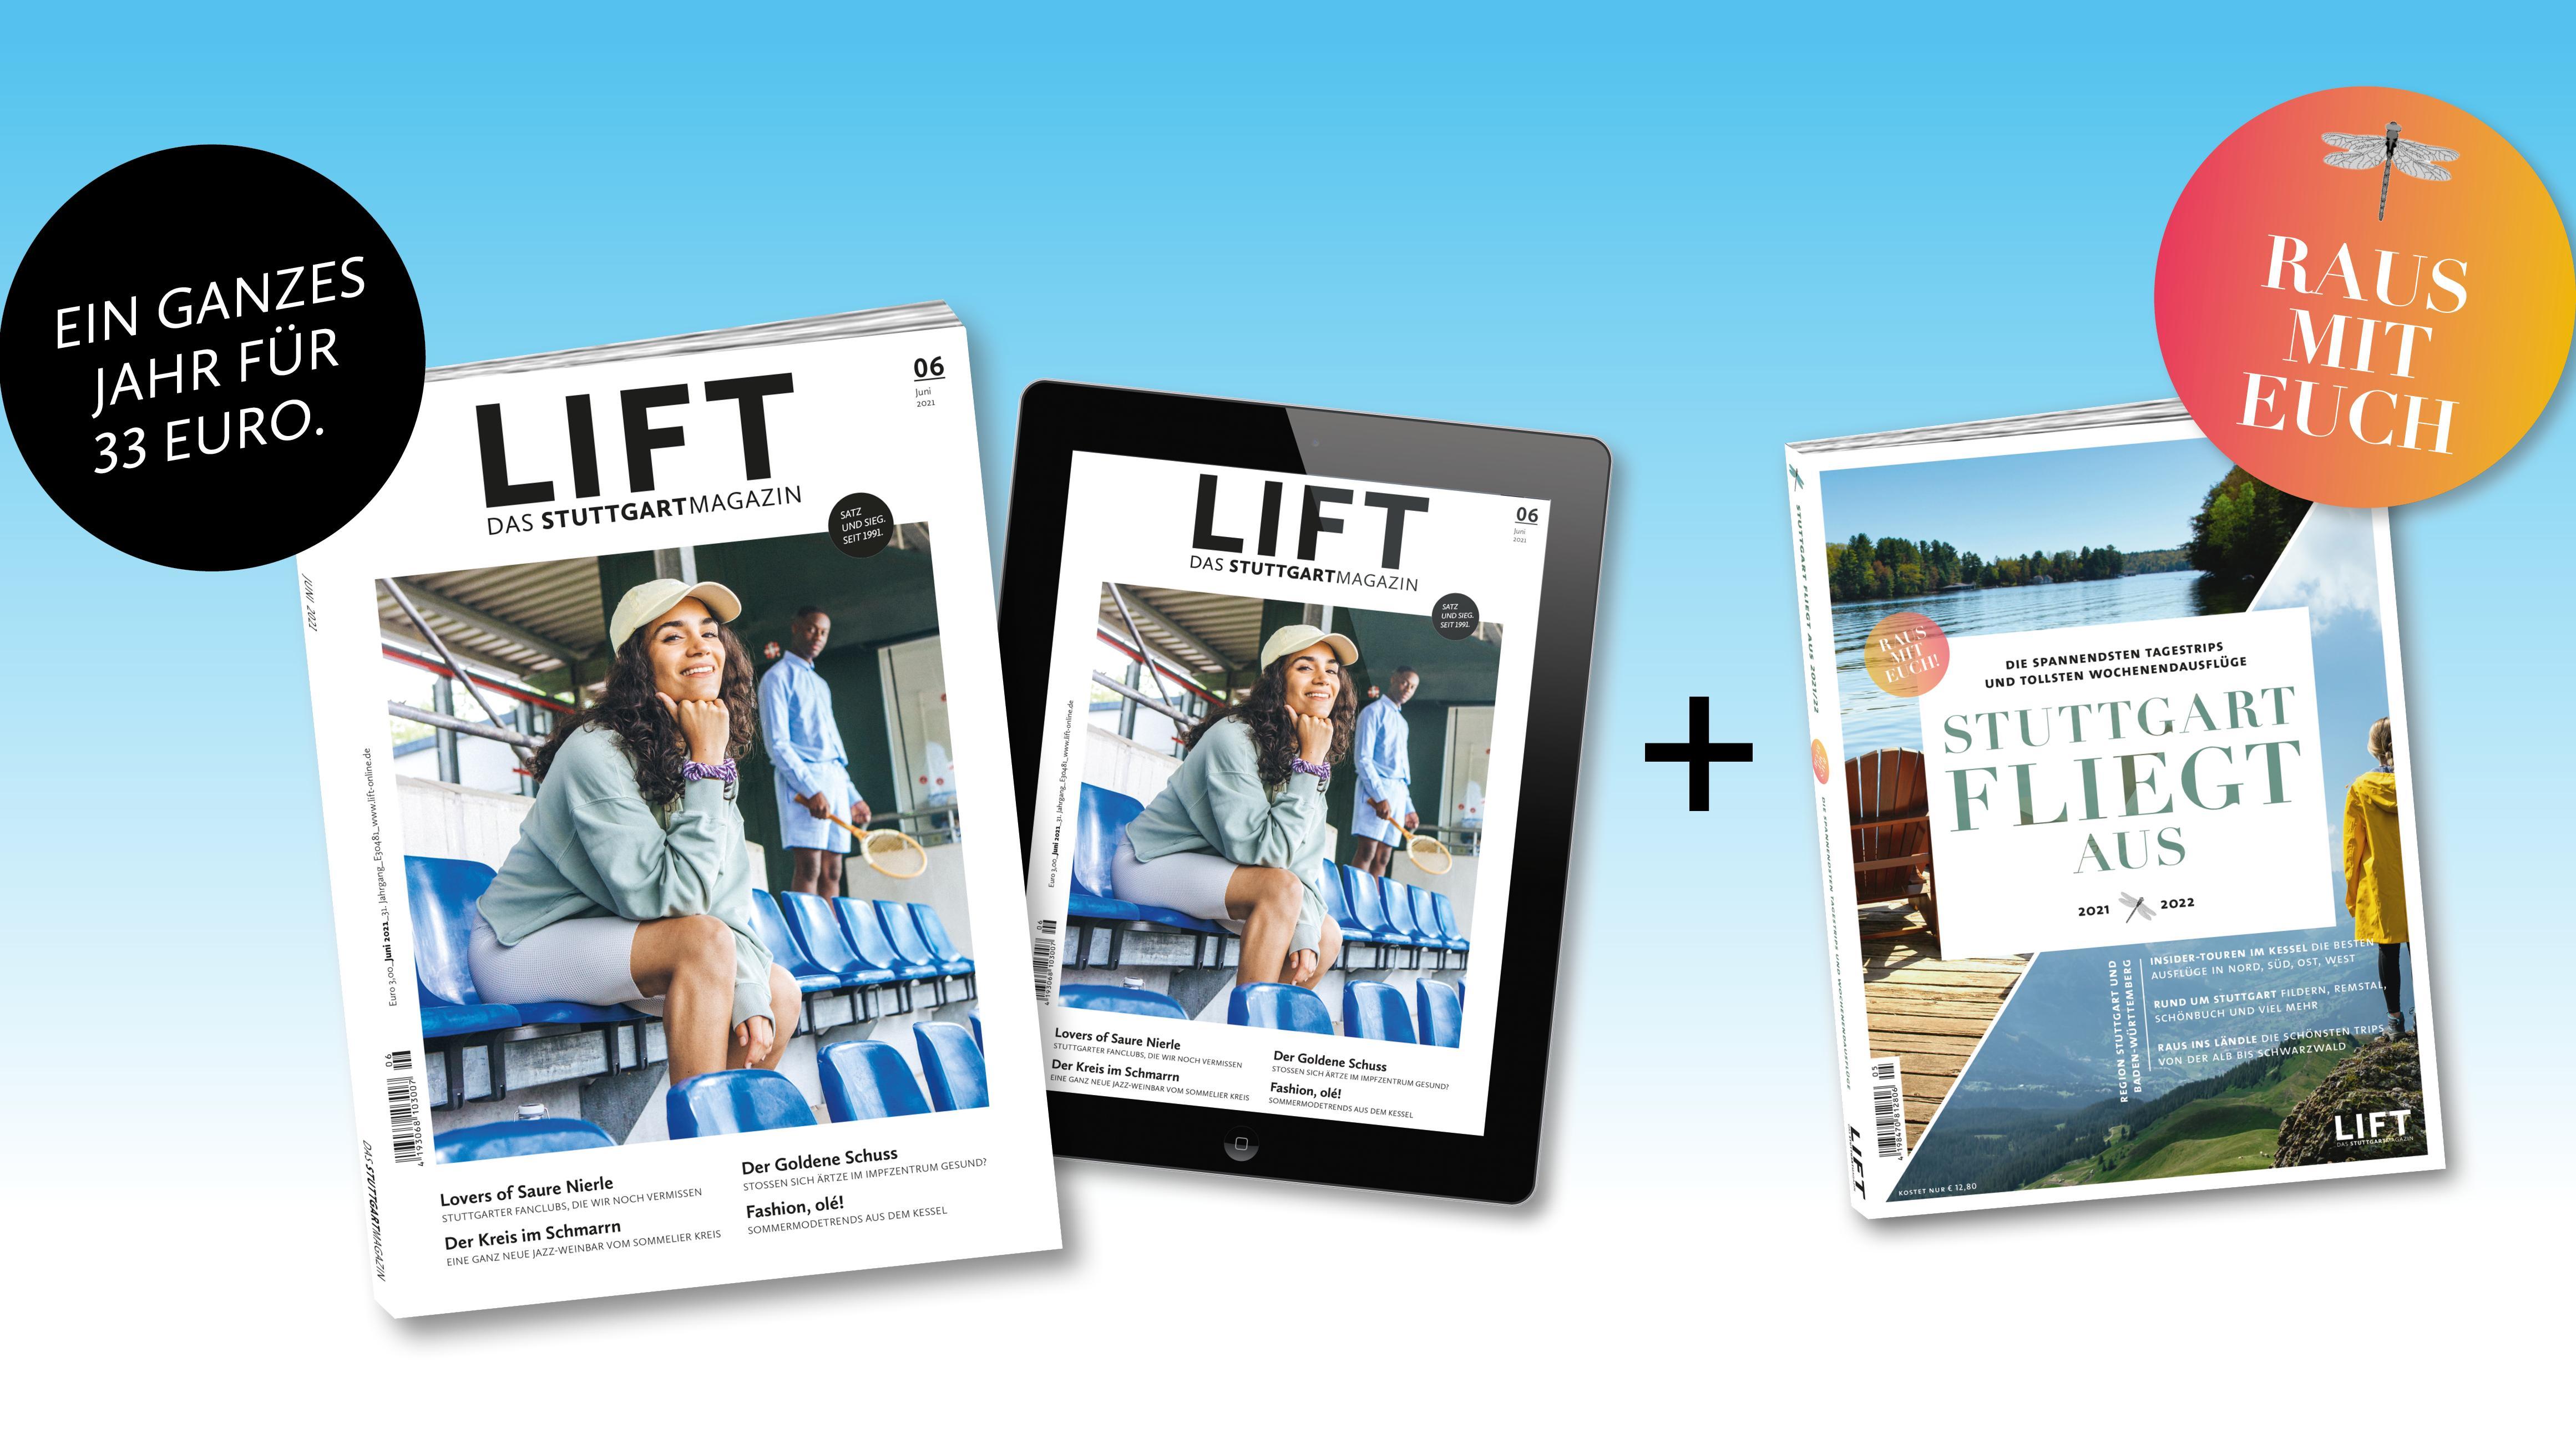 LIFT-Abo-Aktion im Juni